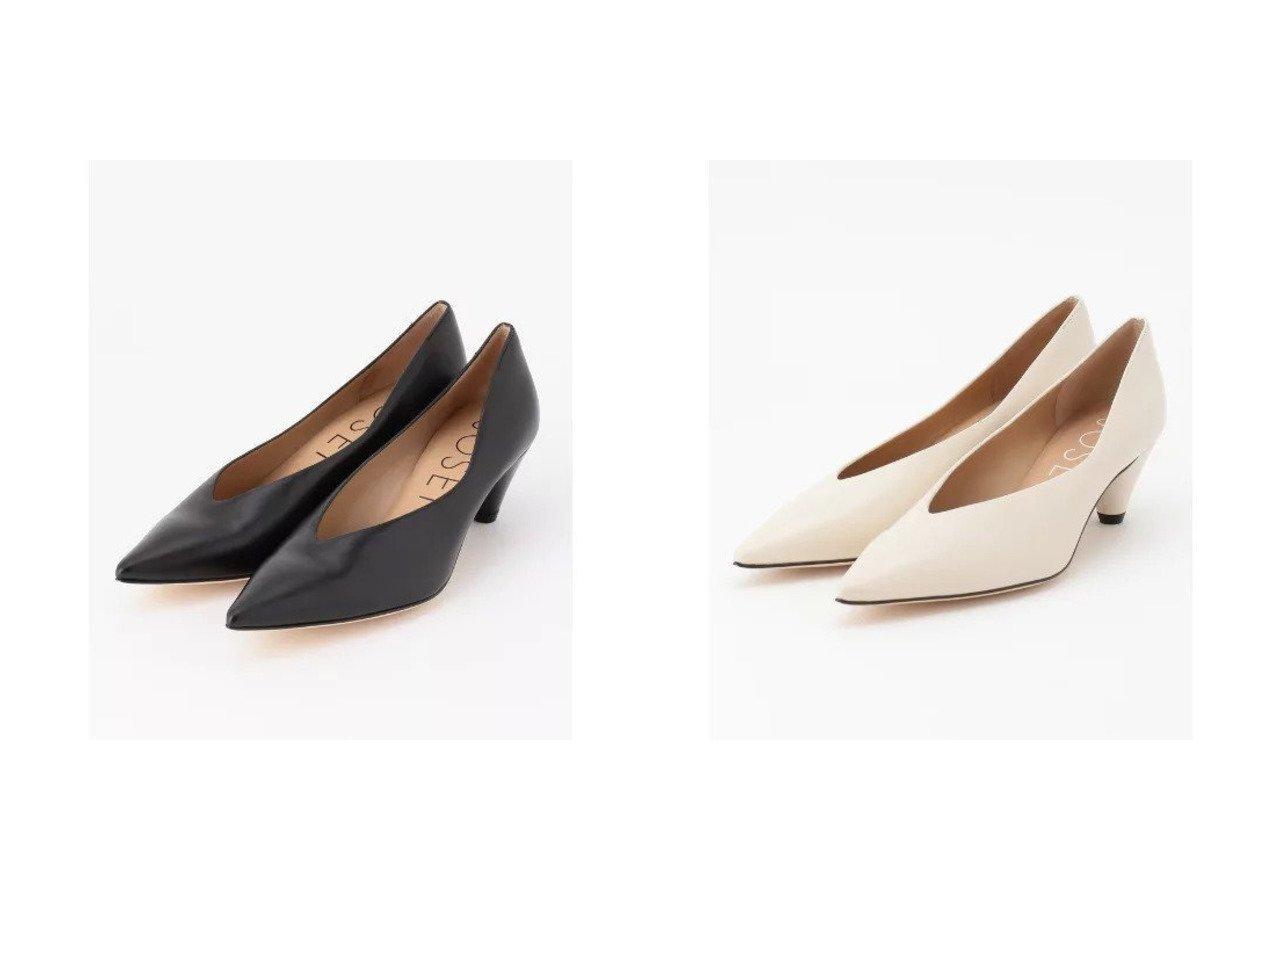 【JOSEPH/ジョゼフ】のコーンヒールパンプス シューズ・靴のおすすめ!人気、トレンド・レディースファッションの通販 おすすめで人気の流行・トレンド、ファッションの通販商品 メンズファッション・キッズファッション・インテリア・家具・レディースファッション・服の通販 founy(ファニー) https://founy.com/ ファッション Fashion レディースファッション WOMEN シューズ |ID:crp329100000022549